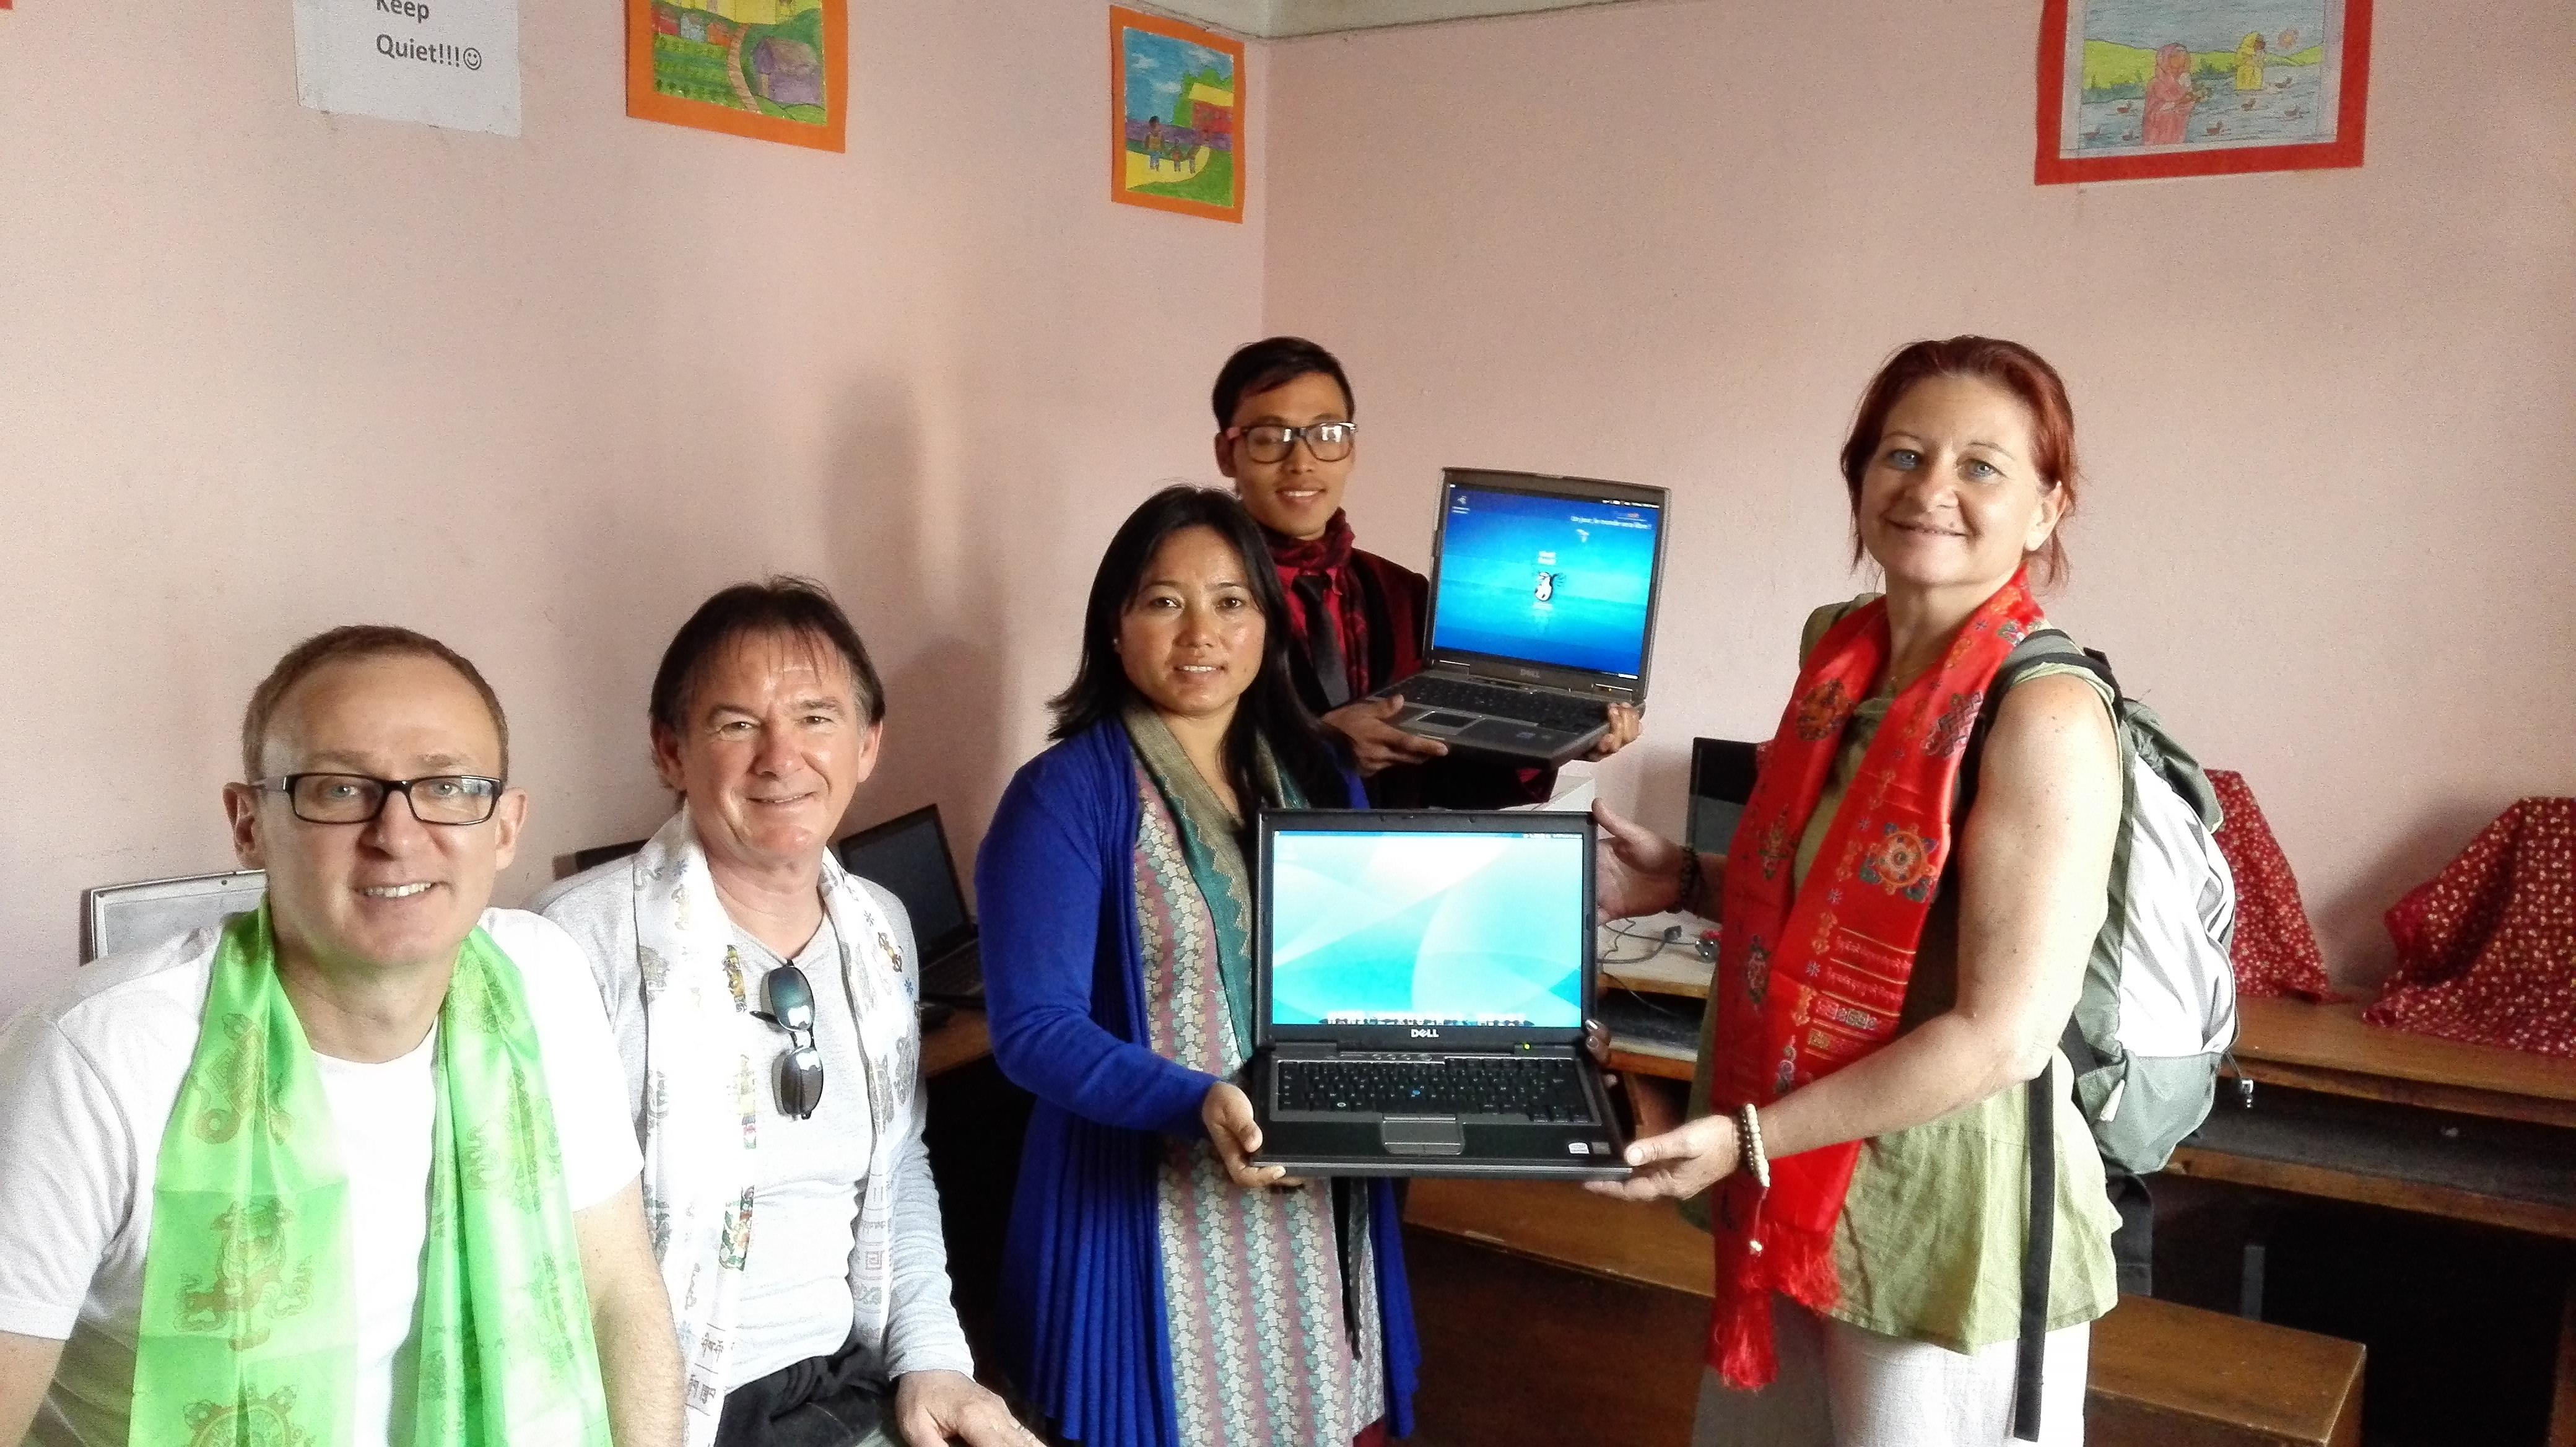 Remise d'ordinateurs sous Emmabuntüs par Ailleurs Solidaires à Akashganga Intl Academy en décembre 2015